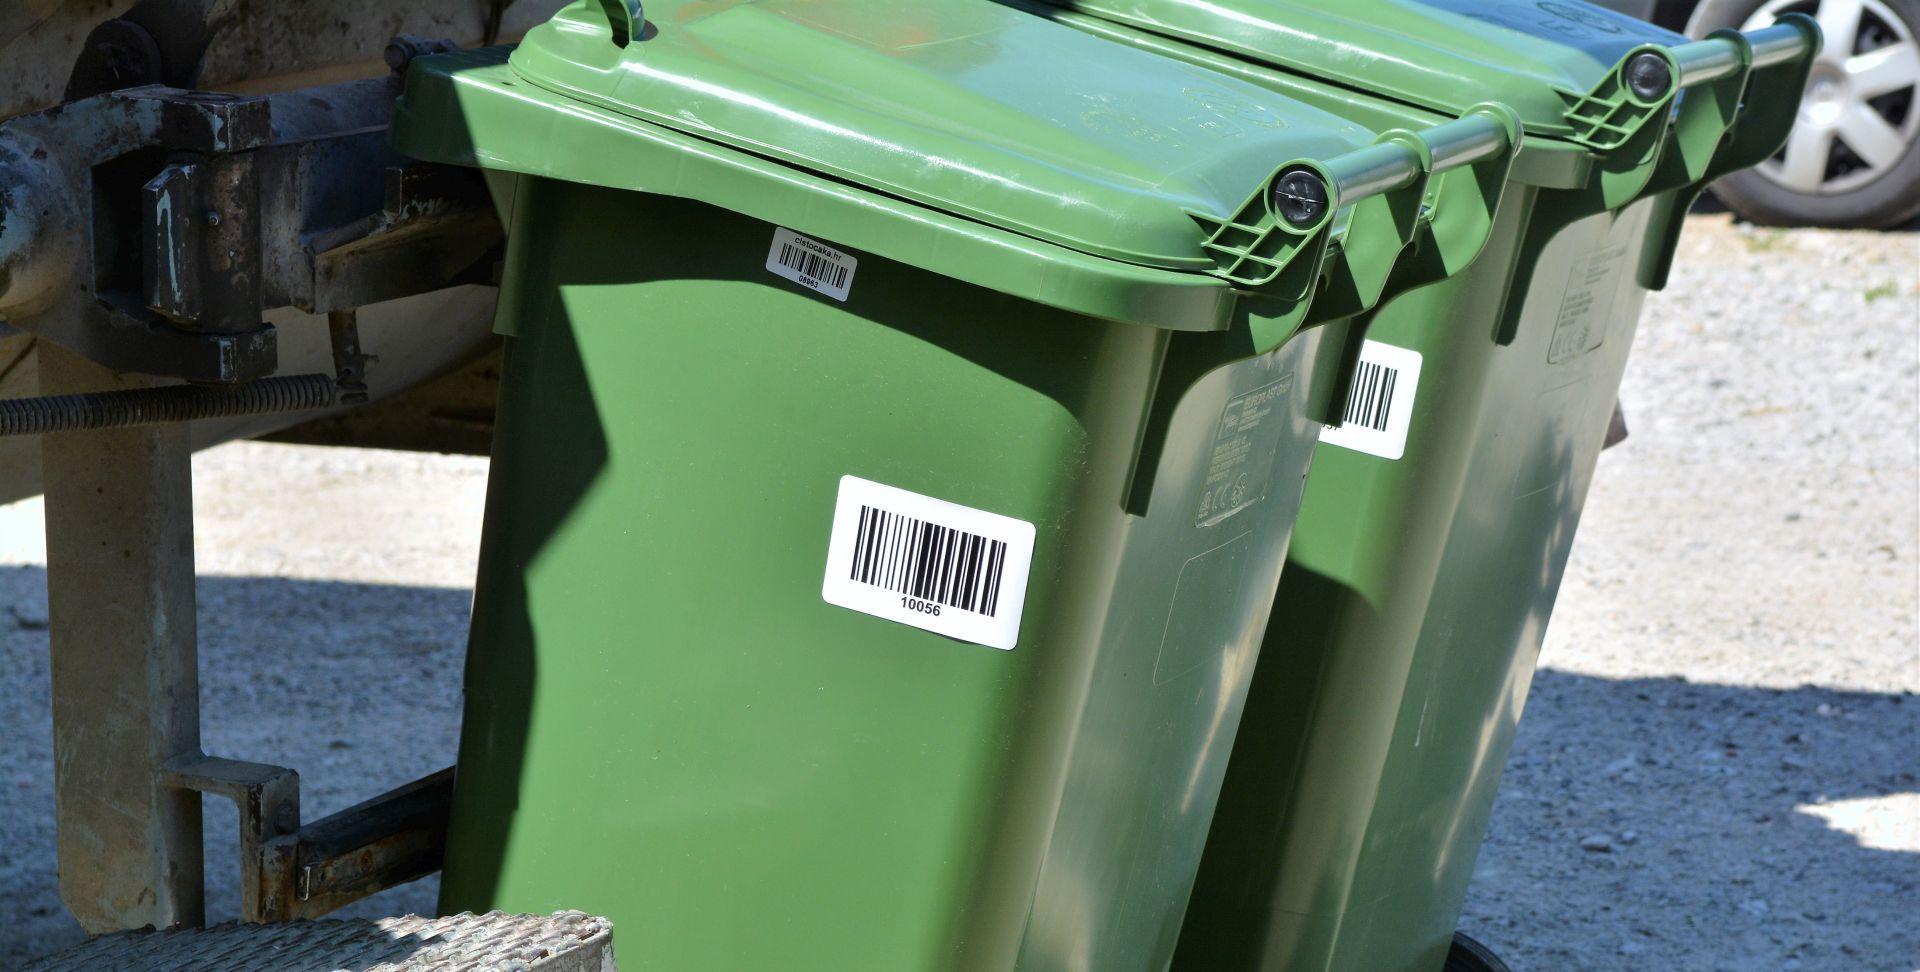 SJEDNICA VLADE Svi moraju naplaćivati odvoz otpada po količini